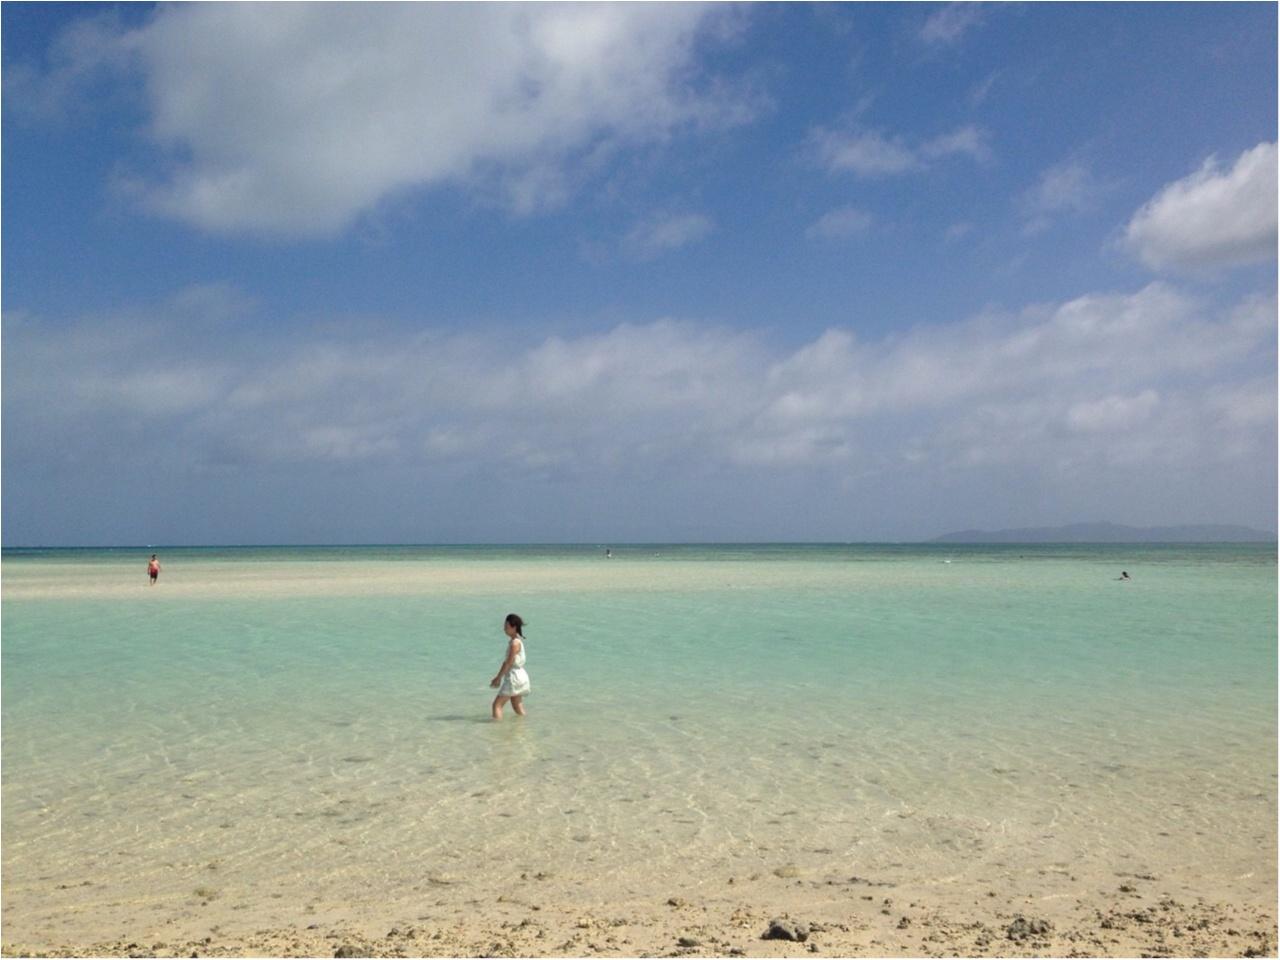 岸本セシルちゃんも行っていた沖縄離島❤️離島の魅力とは?!たっぷりお伝えします〜_11